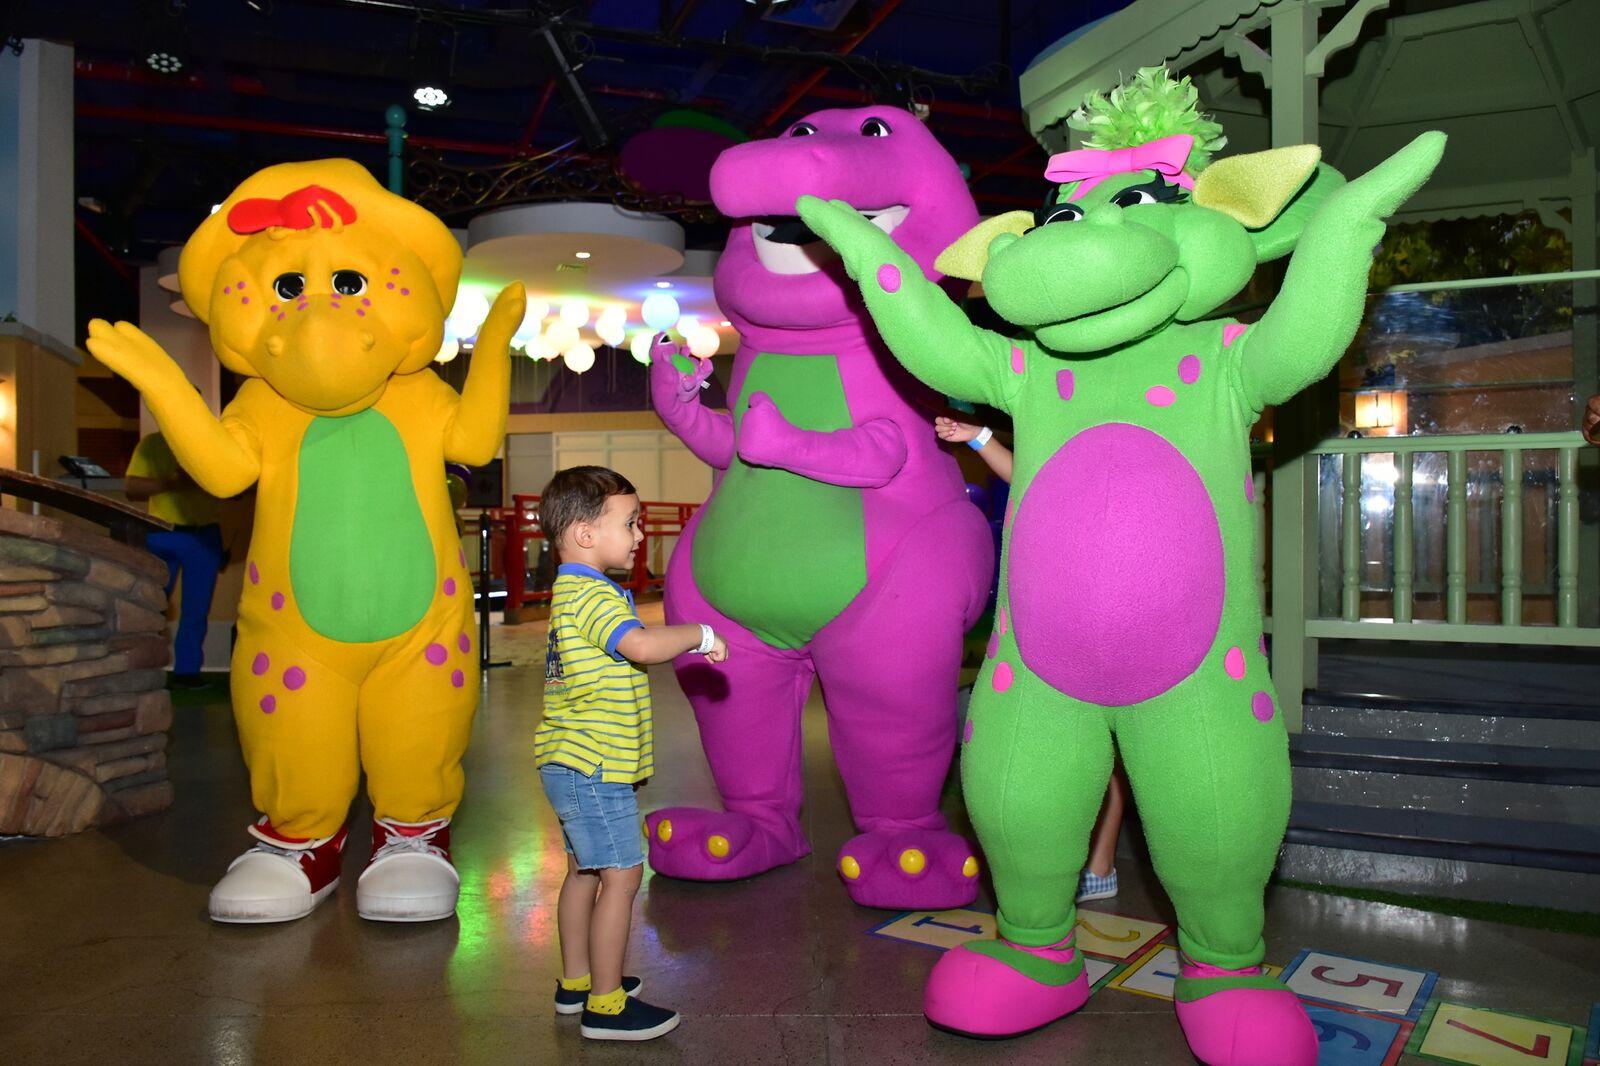 مدينة الألعاب ماتيل بلاي تاون تنظم نزهة مع بارني و اصدقاءه